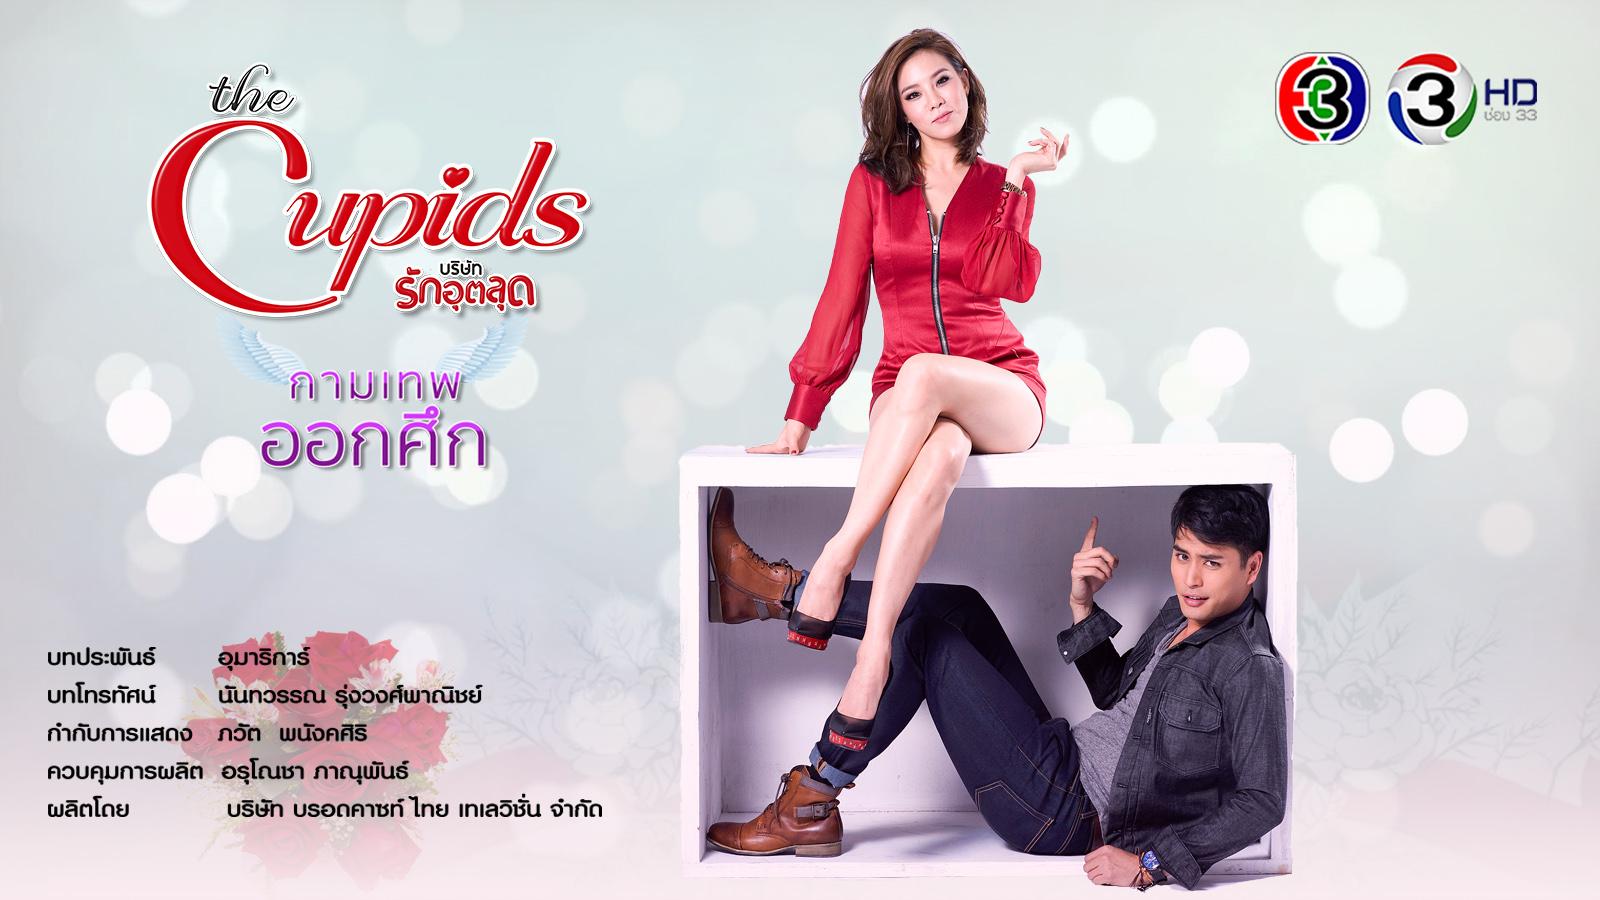 【泰剧在线】2017《The Cupids Series-战斗丘比特》Cris&Punjan(中字完结)